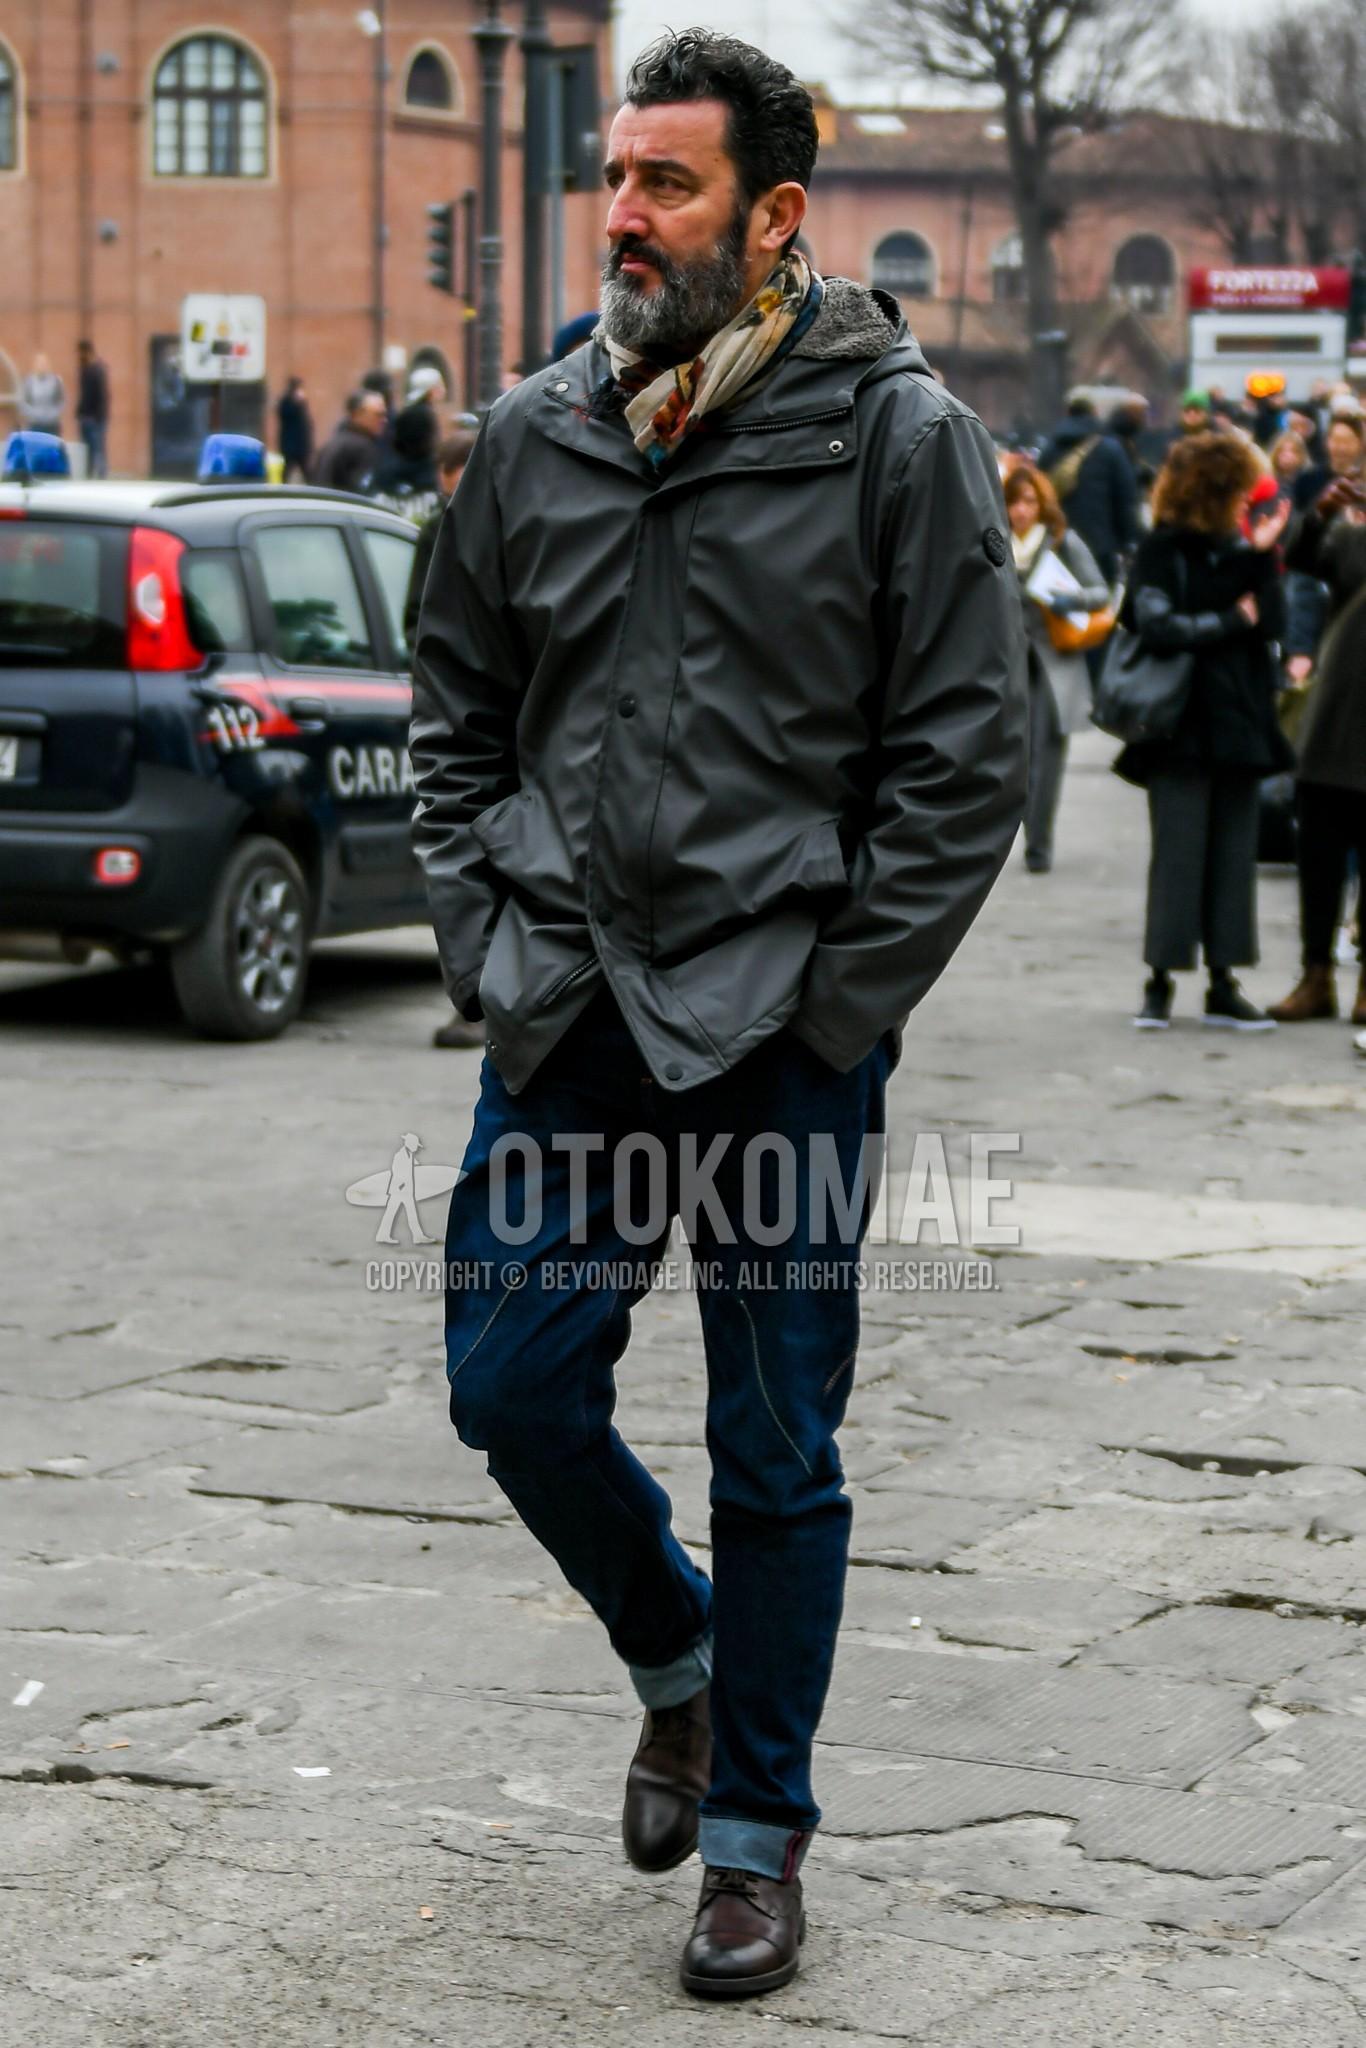 マルチカラーストールのマフラー/ストール、黒無地のフーデッドコート、ブルー無地のデニム/ジーンズ、ブラウンストレートチップの革靴を合わせた秋冬のメンズコーデ・着こなし。